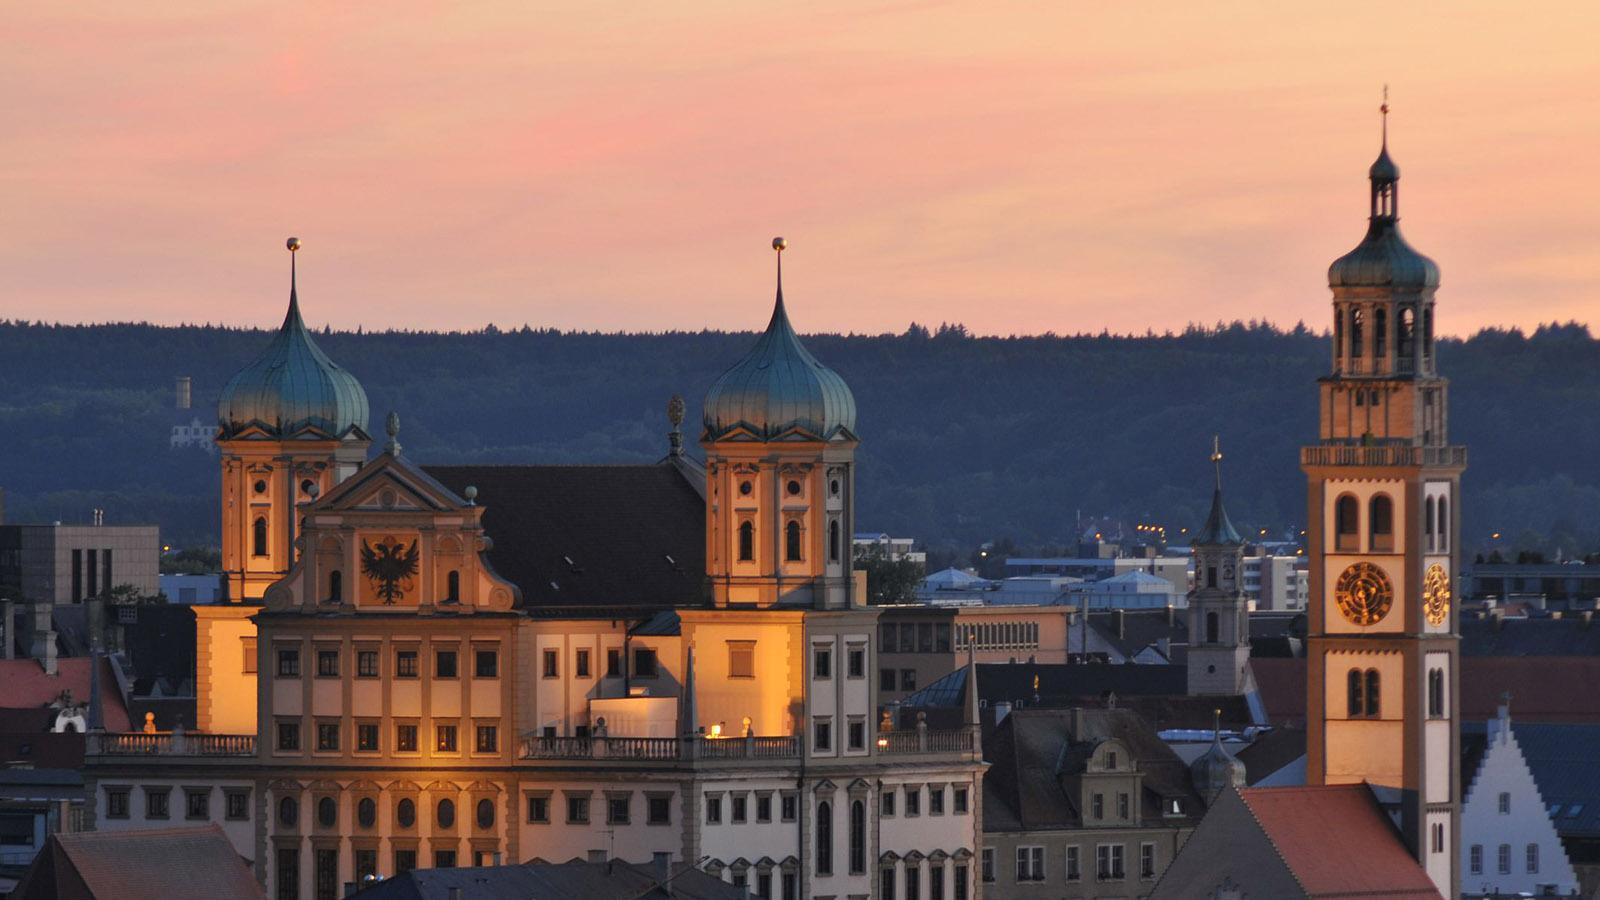 Das Rathaus von Augsburg. Foto: Regio Augsburg Tourismus